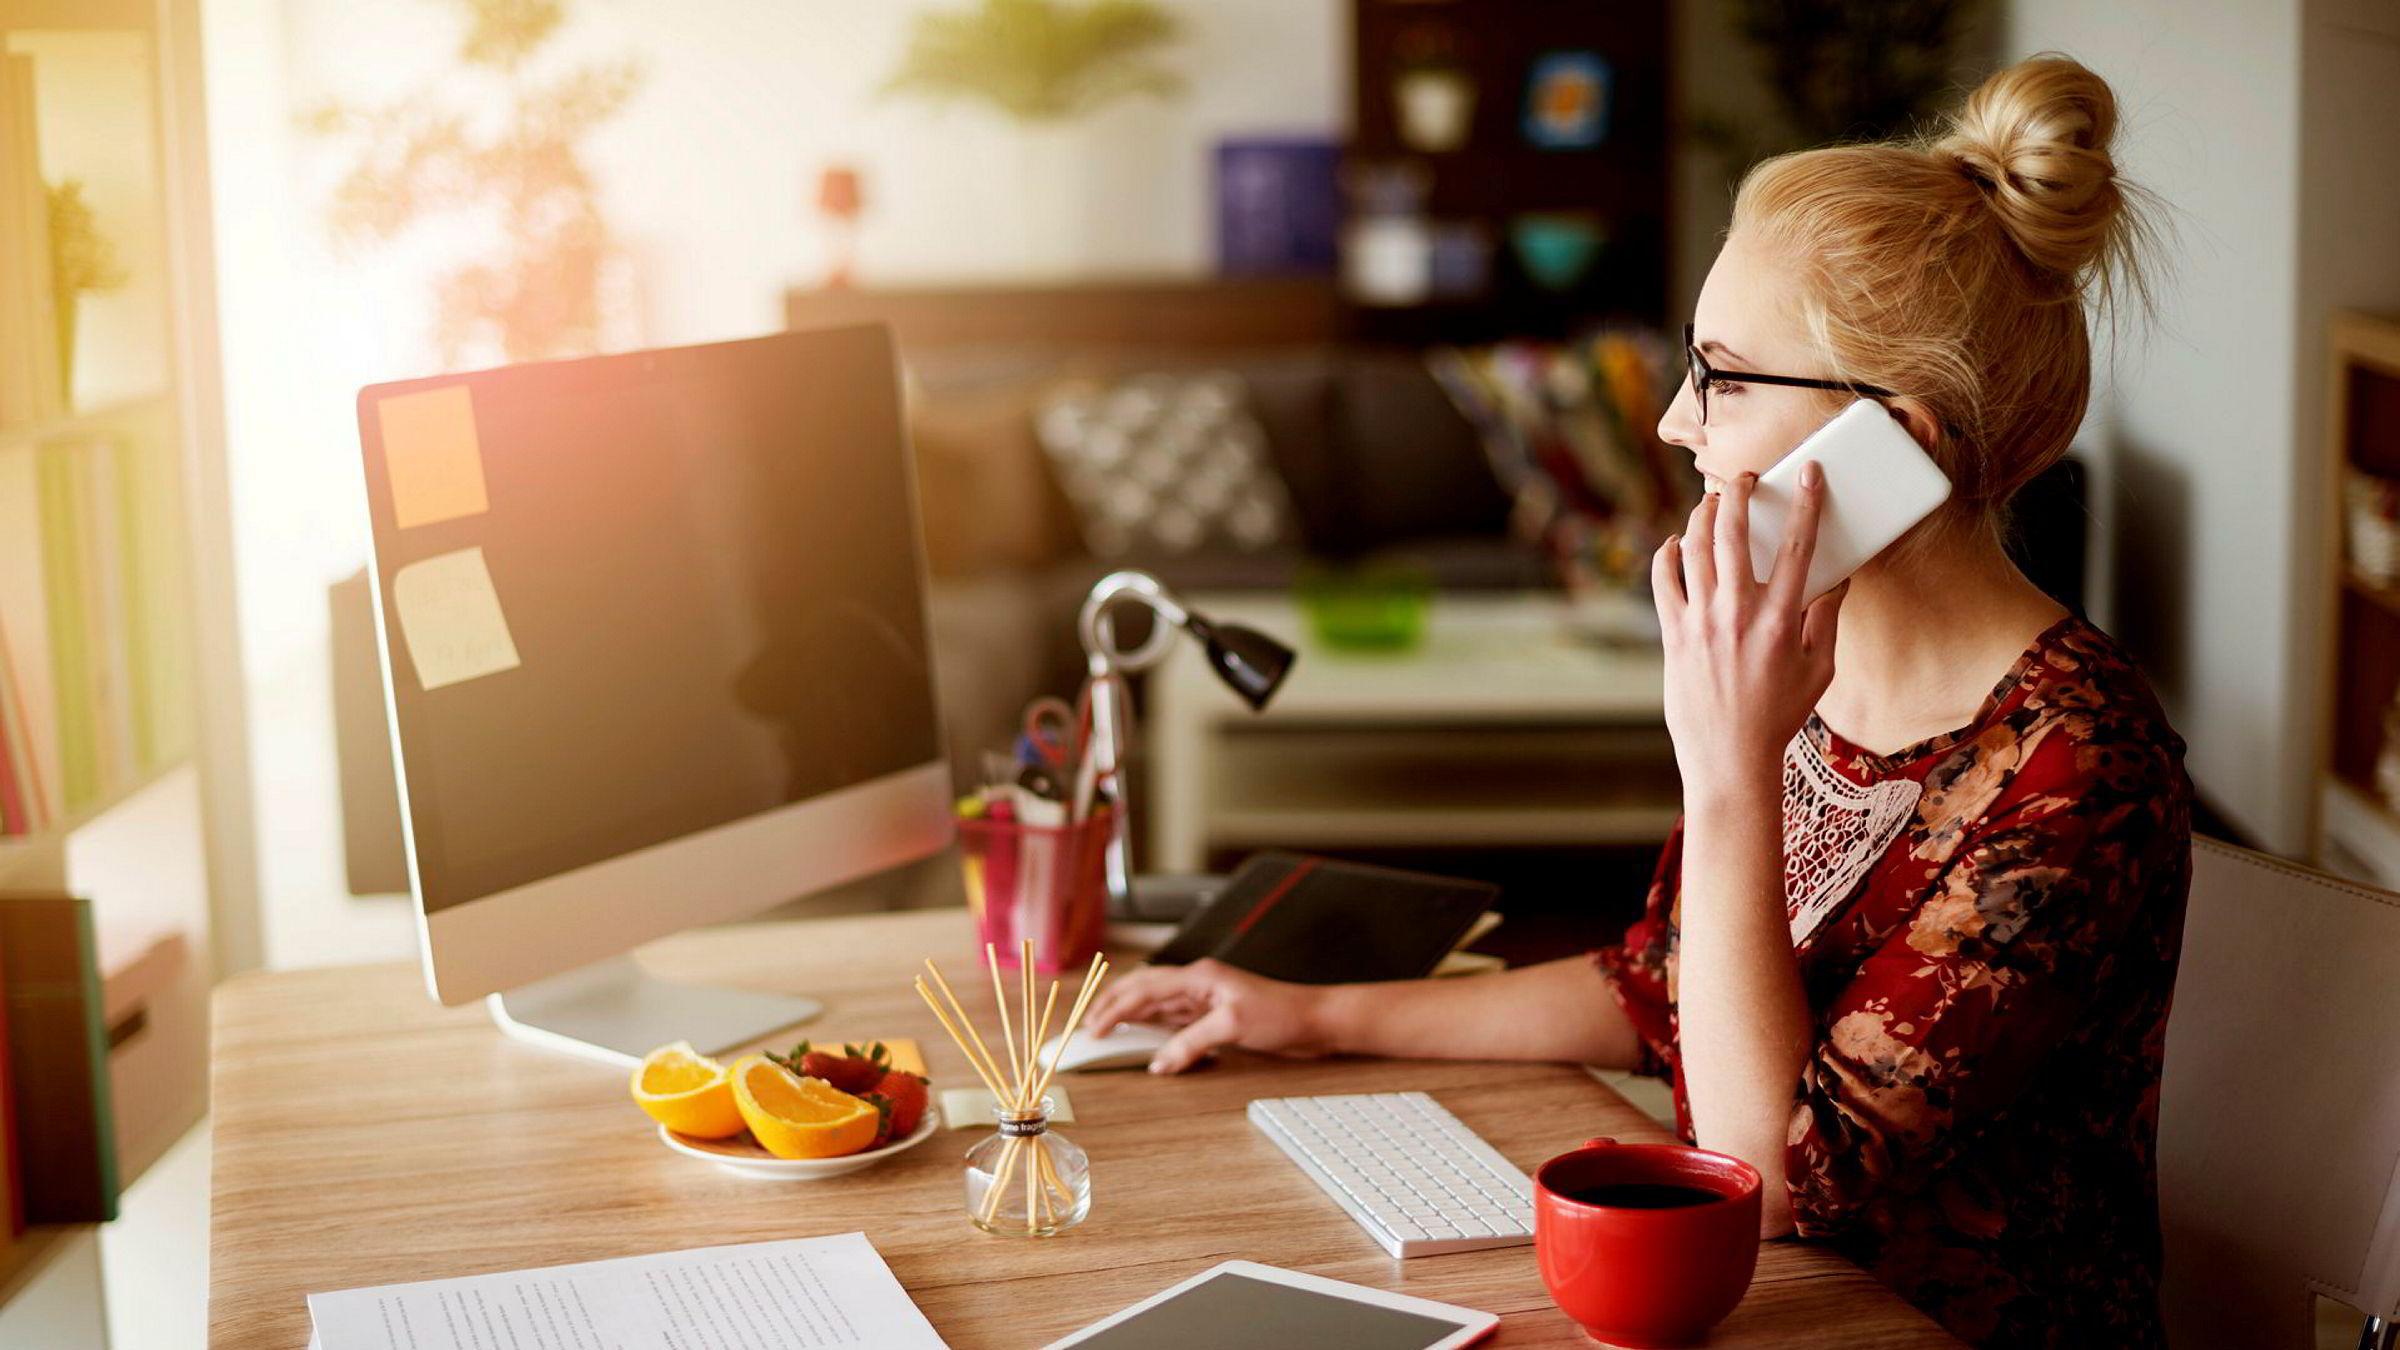 «Digitaliseringen skal gi mer frihet, ikke mindre. Men nå opplever mange arbeidstagere at arbeidsgiver får i pose og sekk ved at vi er på kontoret i åtte timer og i tillegg er tilgjengelig på fritiden», skriver innleggsforfatteren.